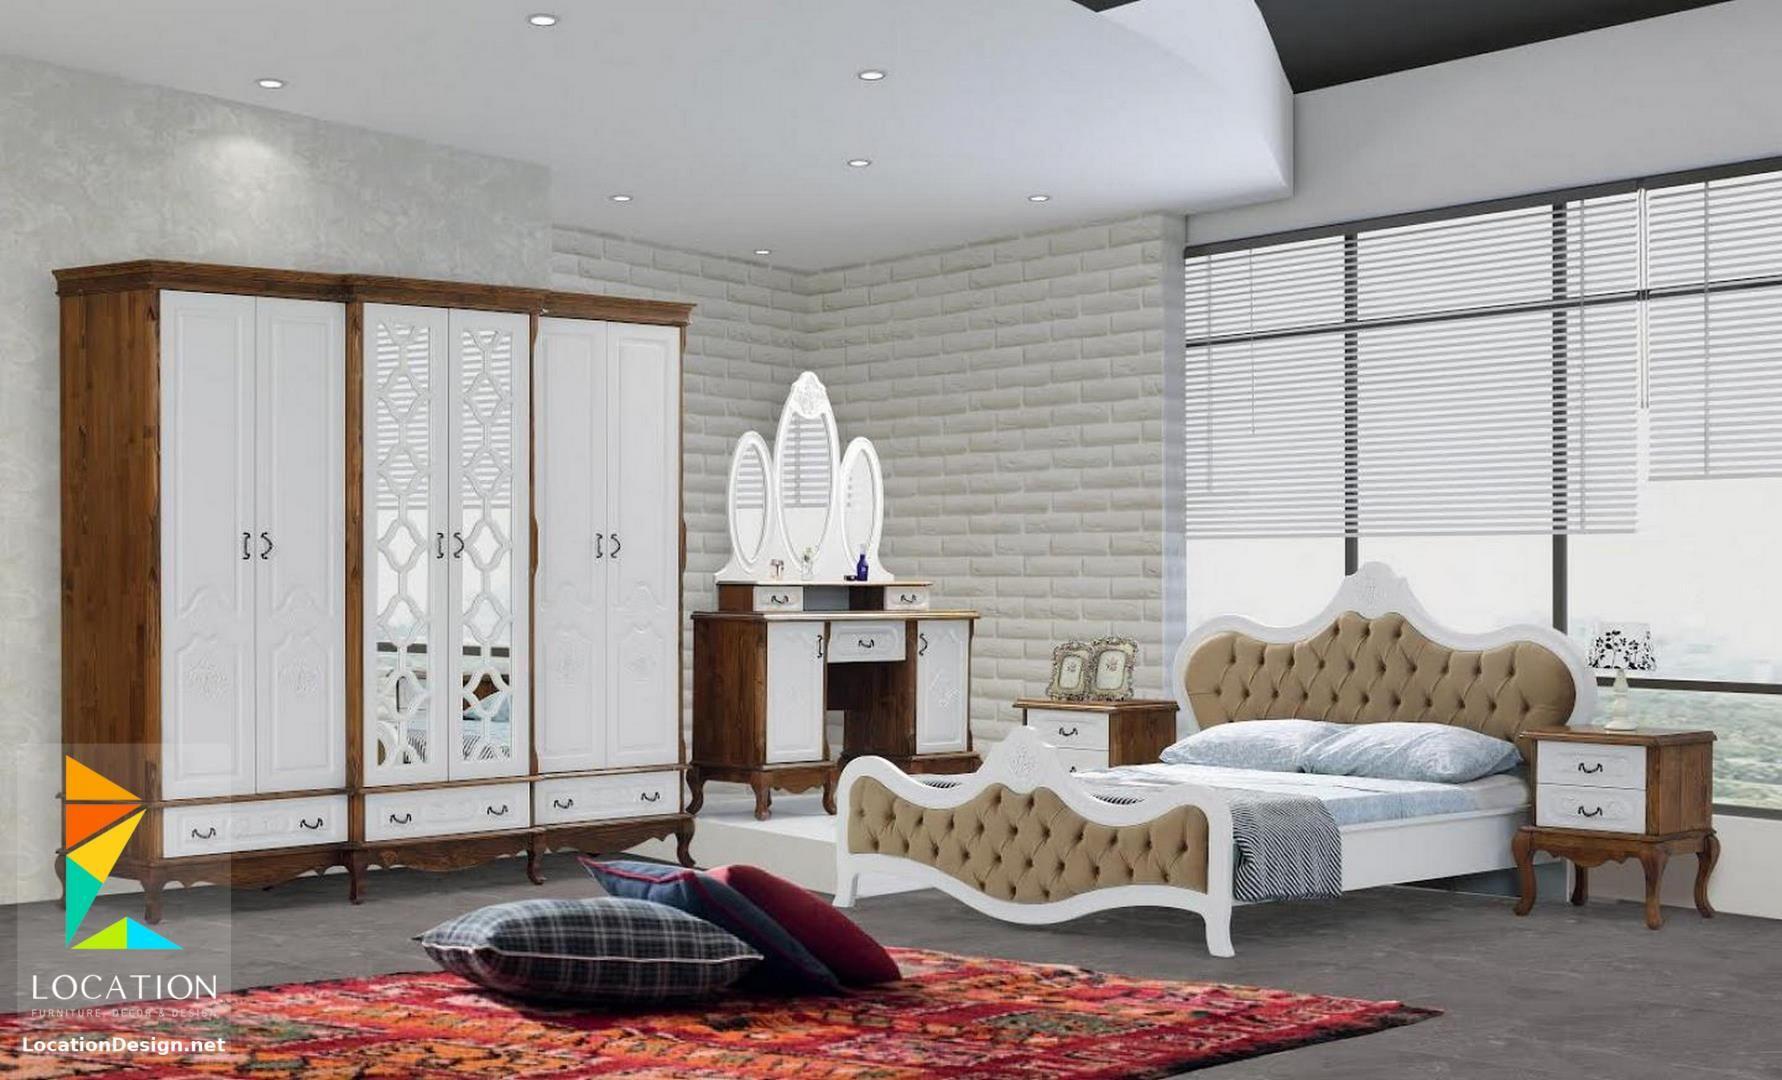 غرف نوم كامله من اجمل موديلات غرف نوم عرايس مودرن 2019 Home Furniture Room